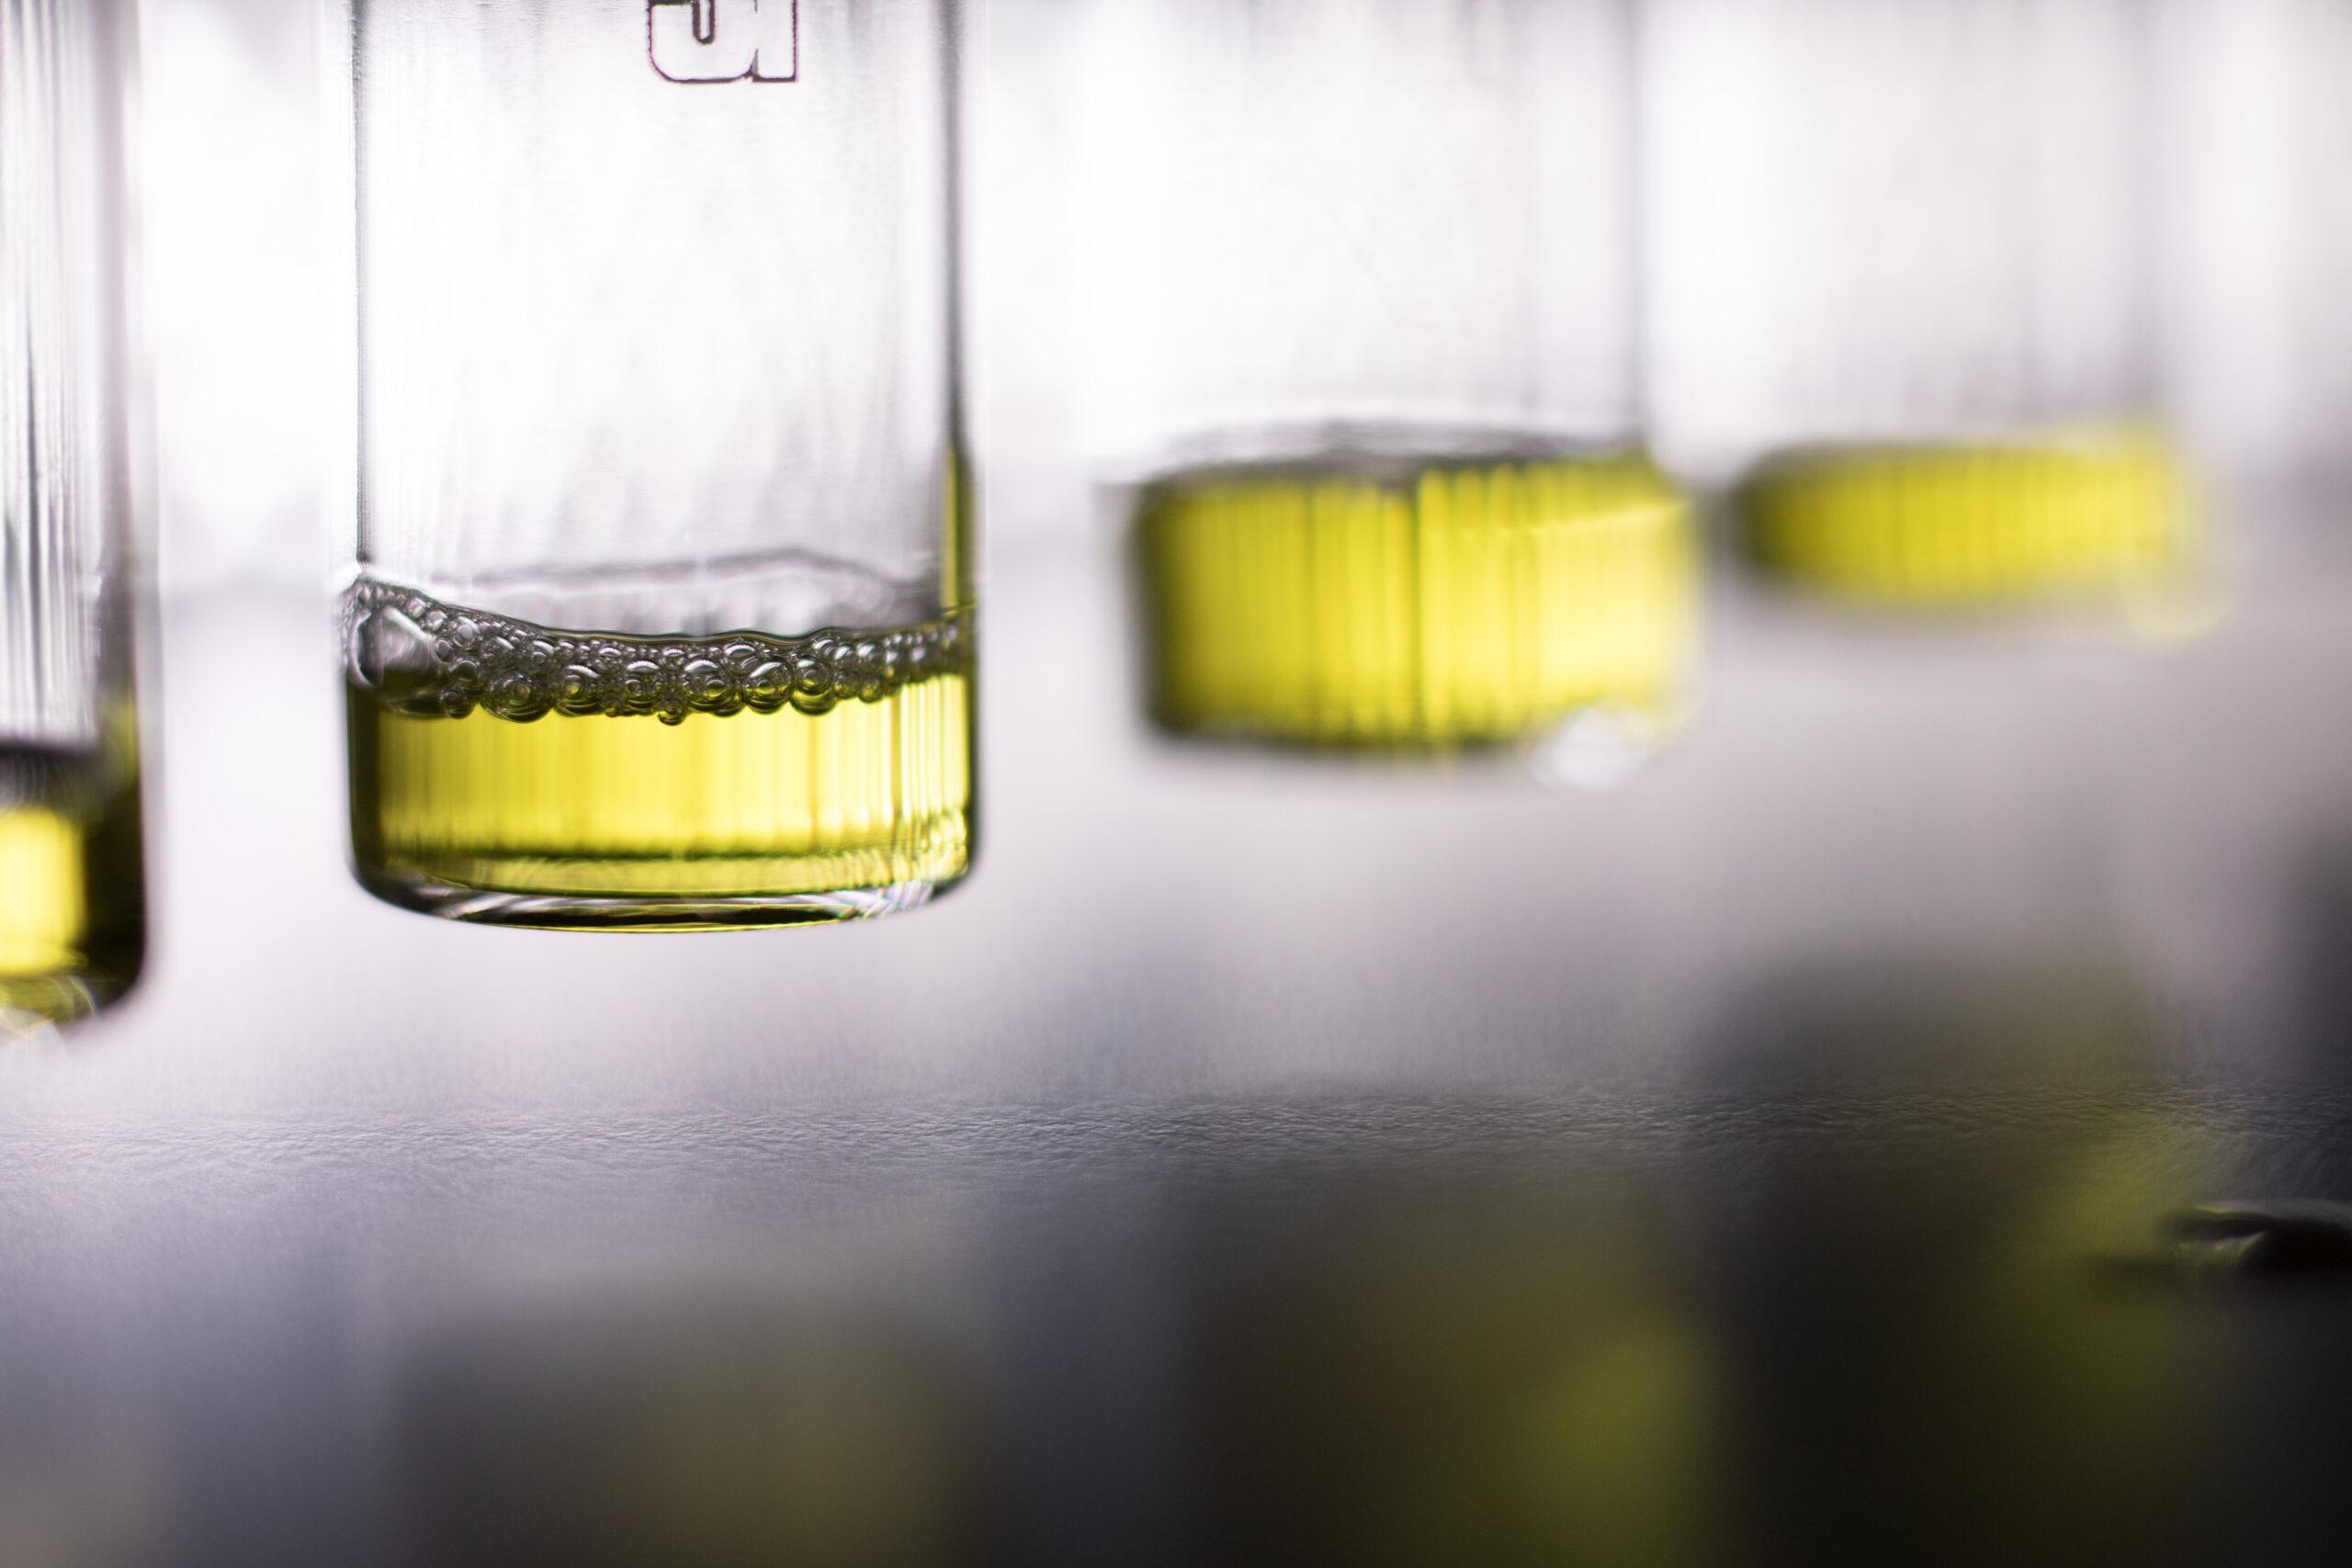 潤滑油の技術のイメージ写真です。